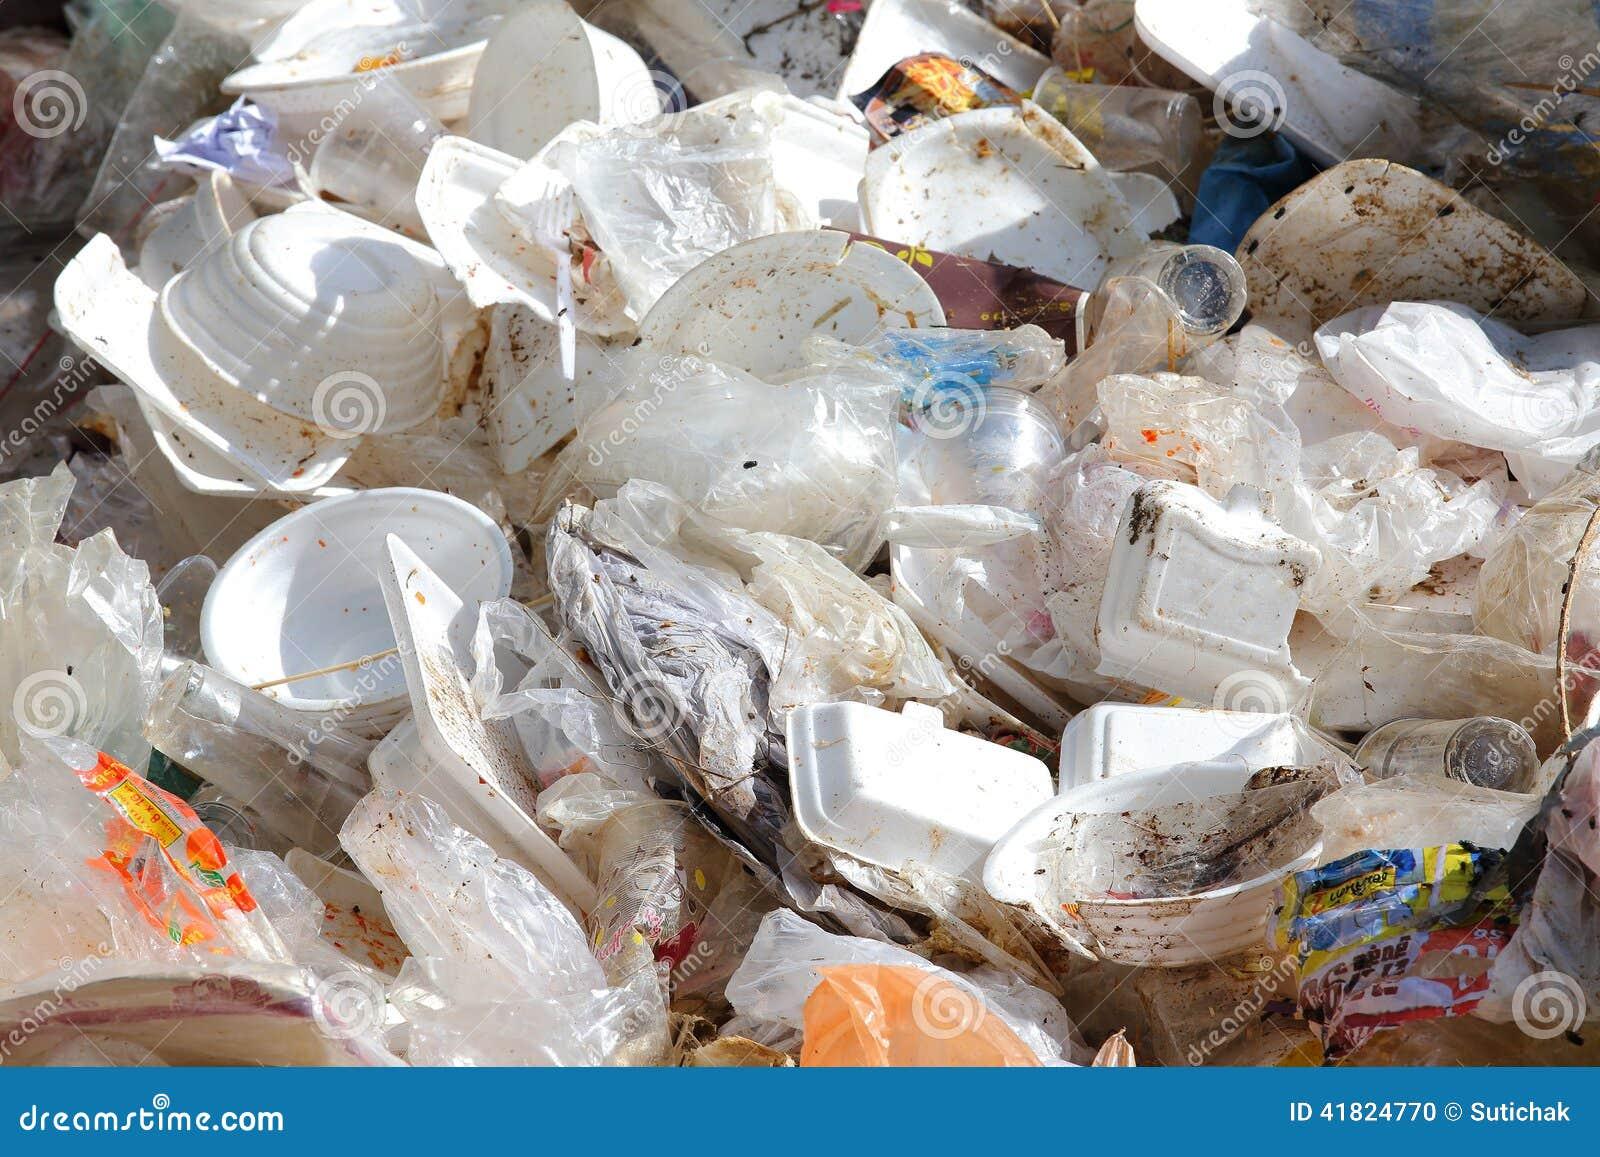 塑料和泡沫垃圾